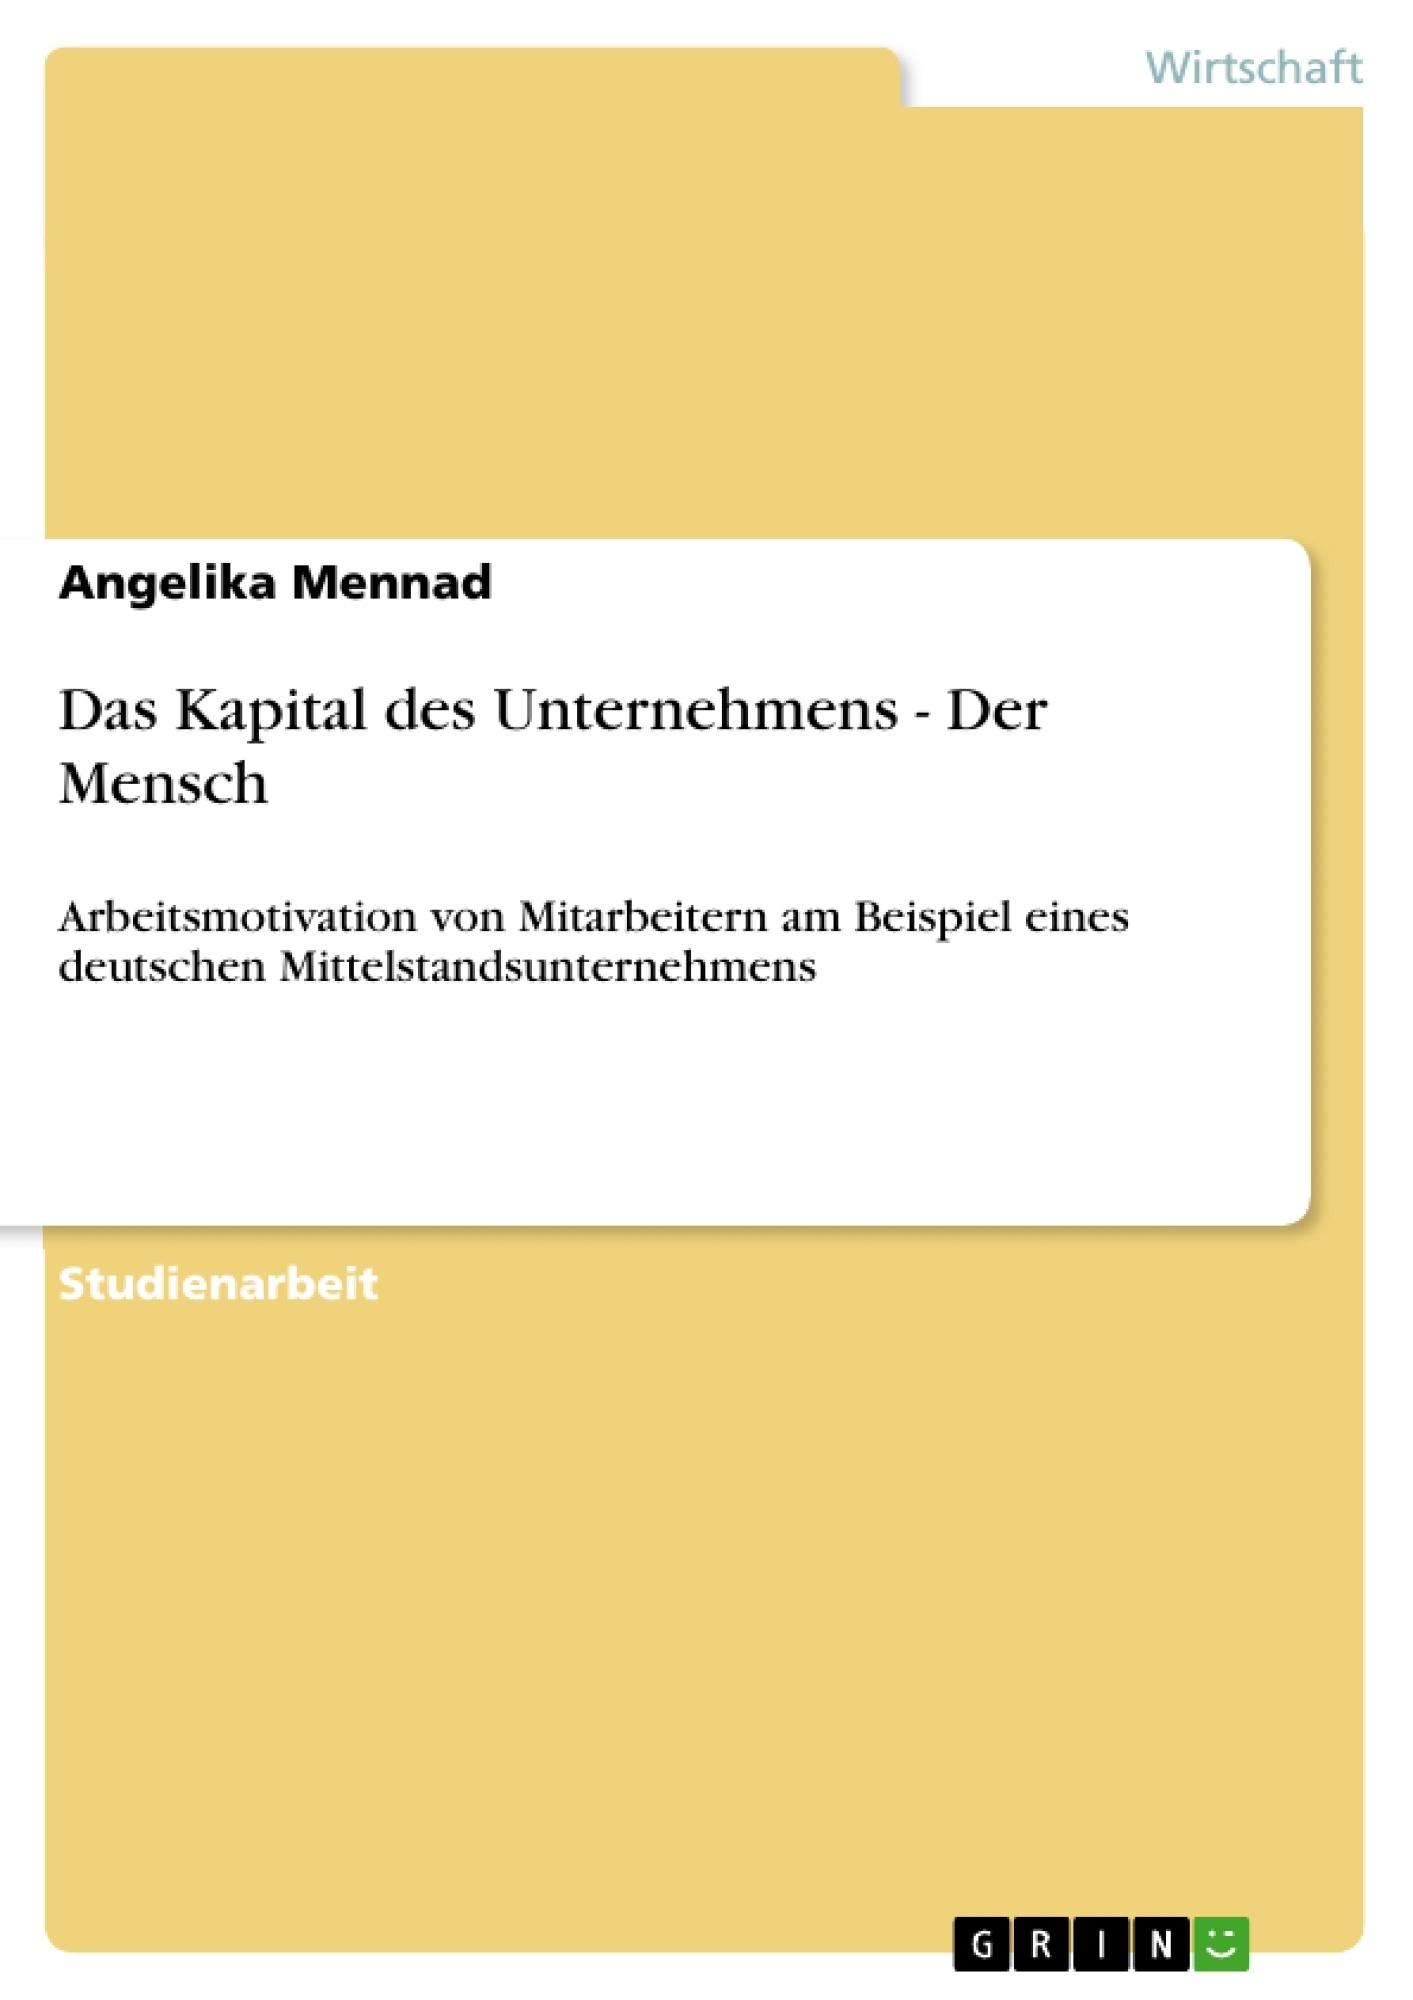 Titel: Das Kapital des Unternehmens - Der Mensch